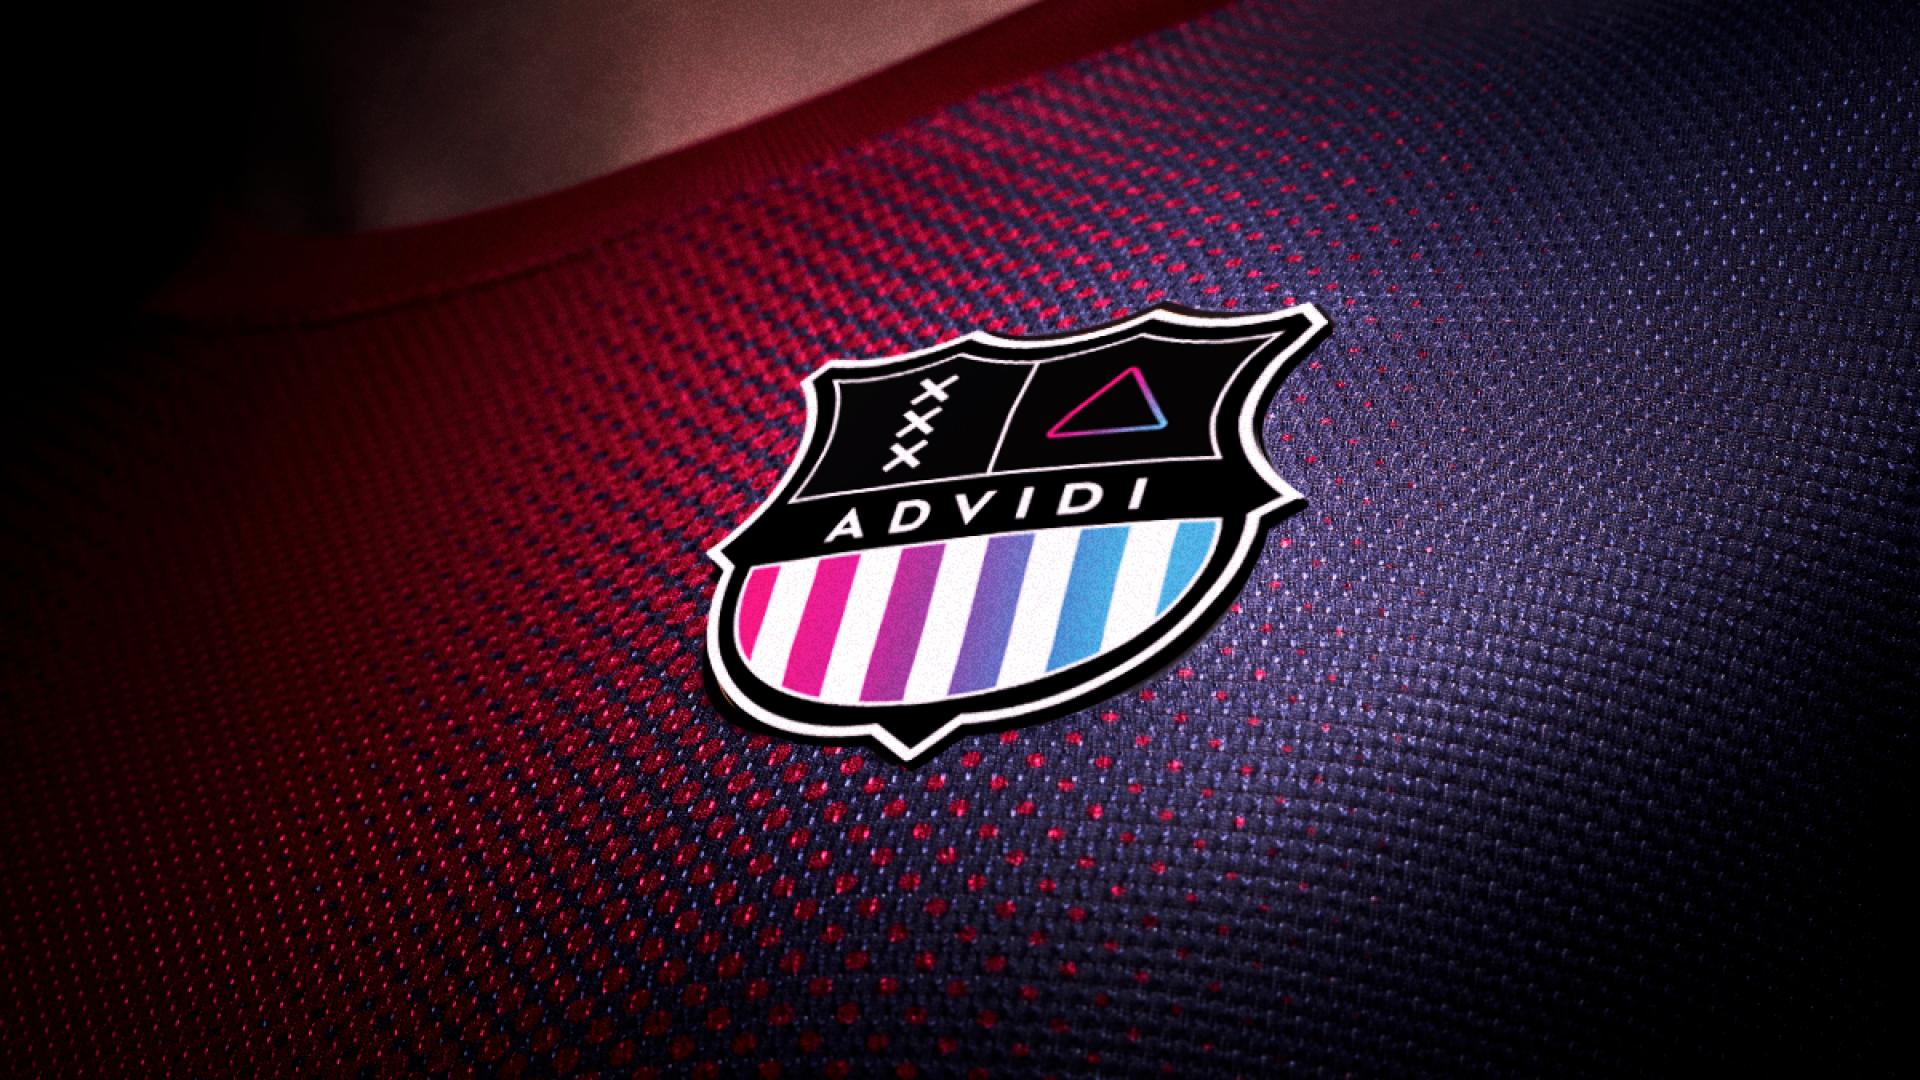 FC ADVIDI